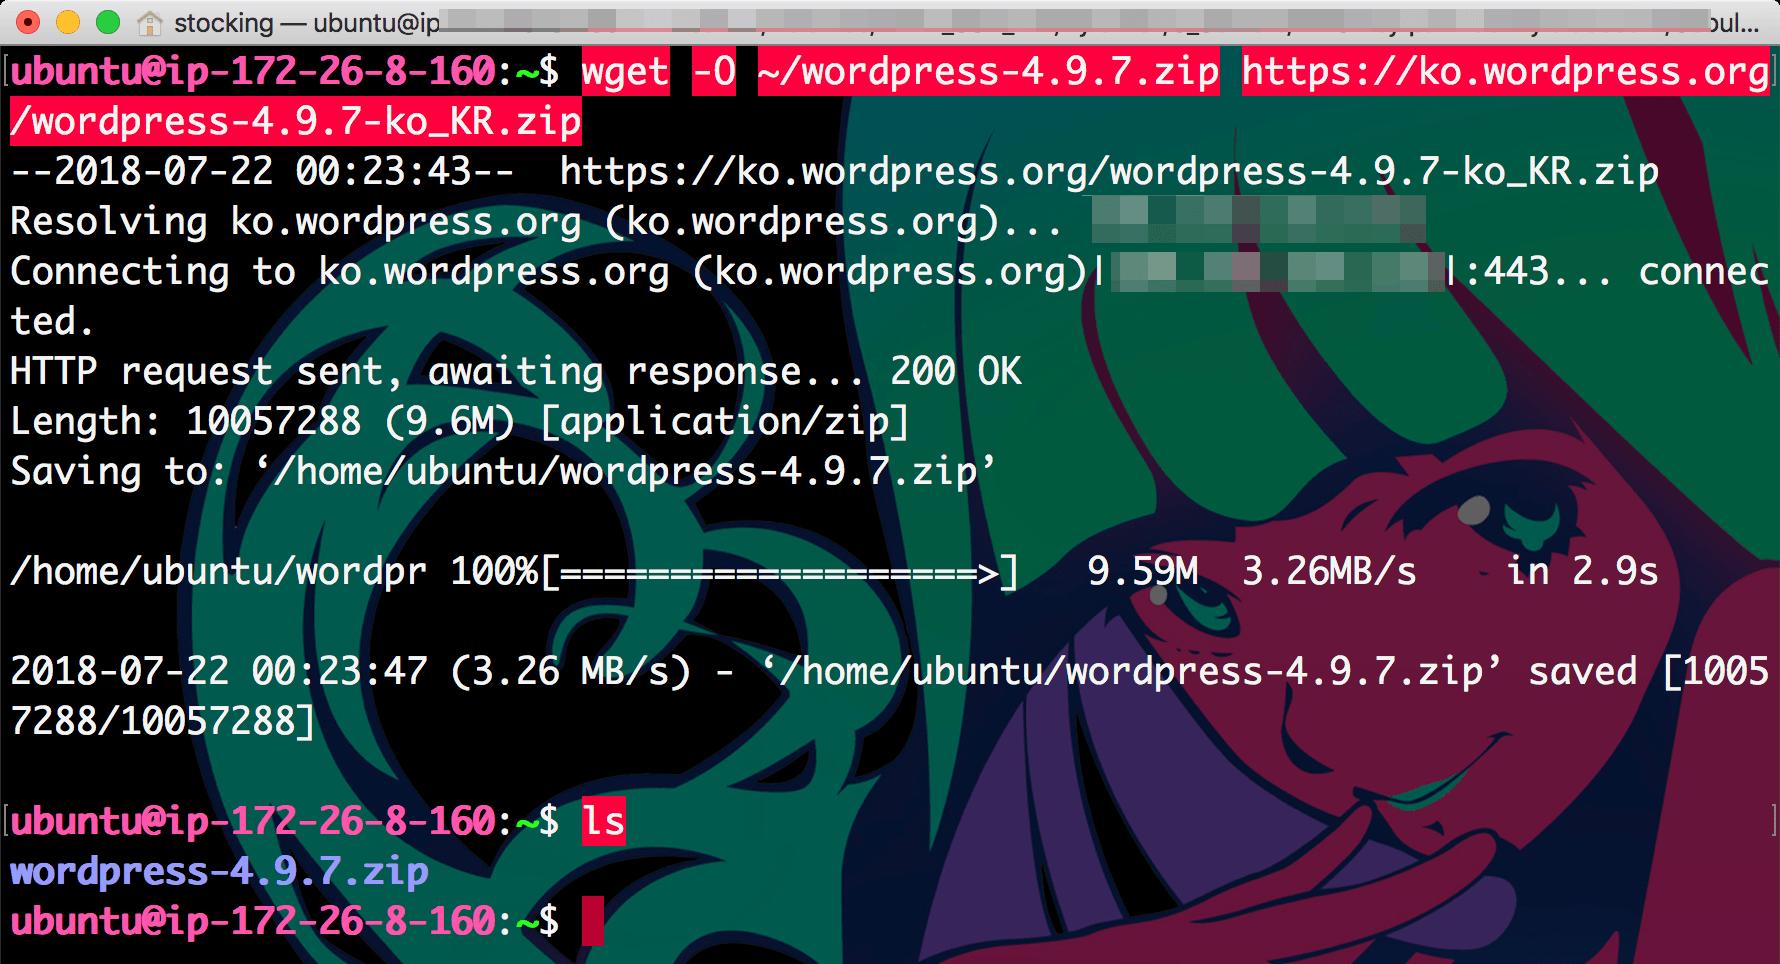 wget 명령어로 워드프레스 4.9.7.zip 파일을 다운로드했다.